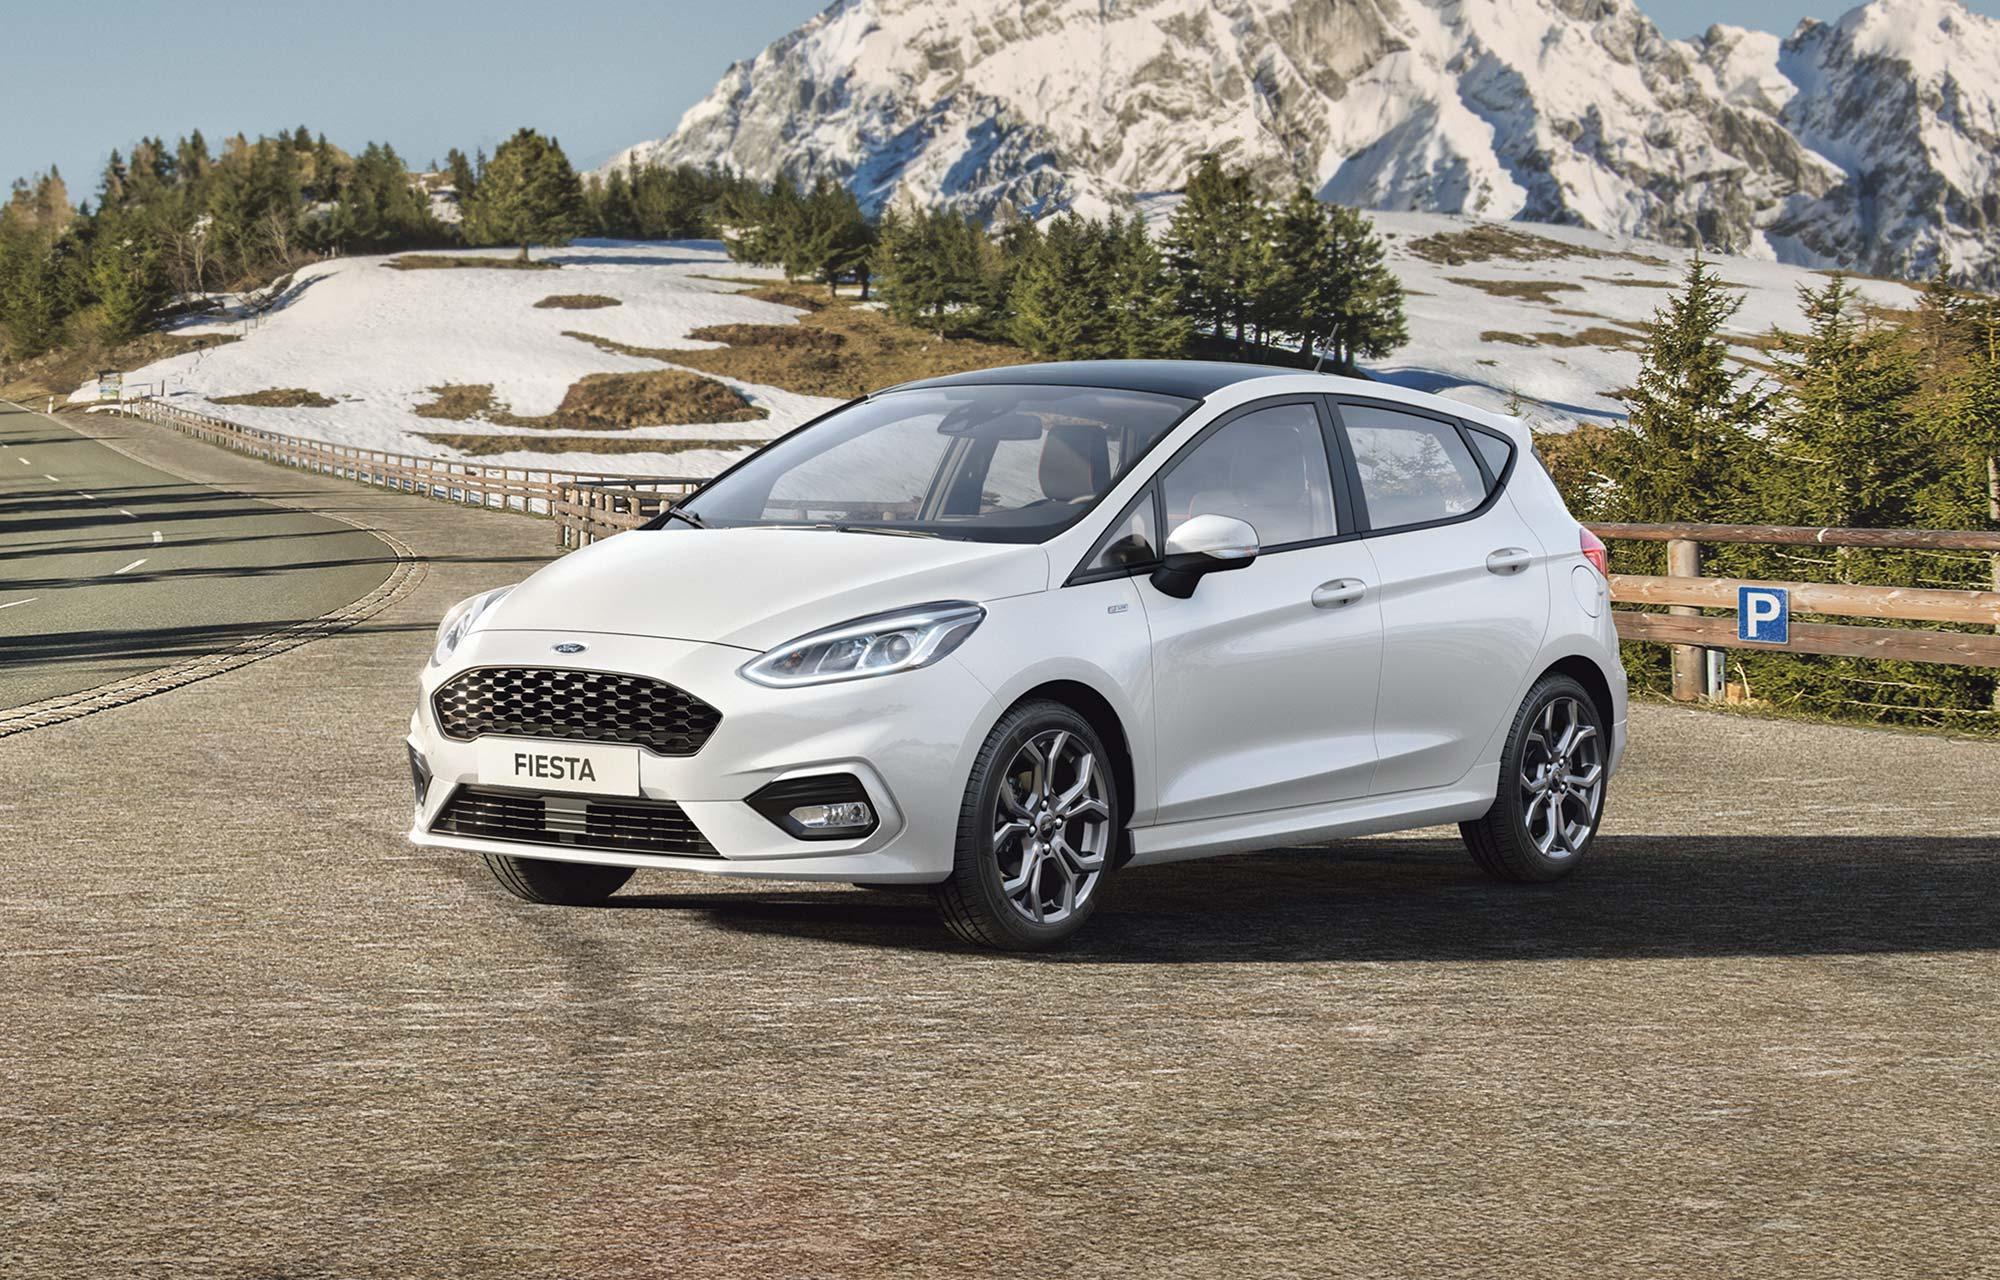 Fiesta -mallisto – 0 % rahoituskorko ja Talvivarusteet 0